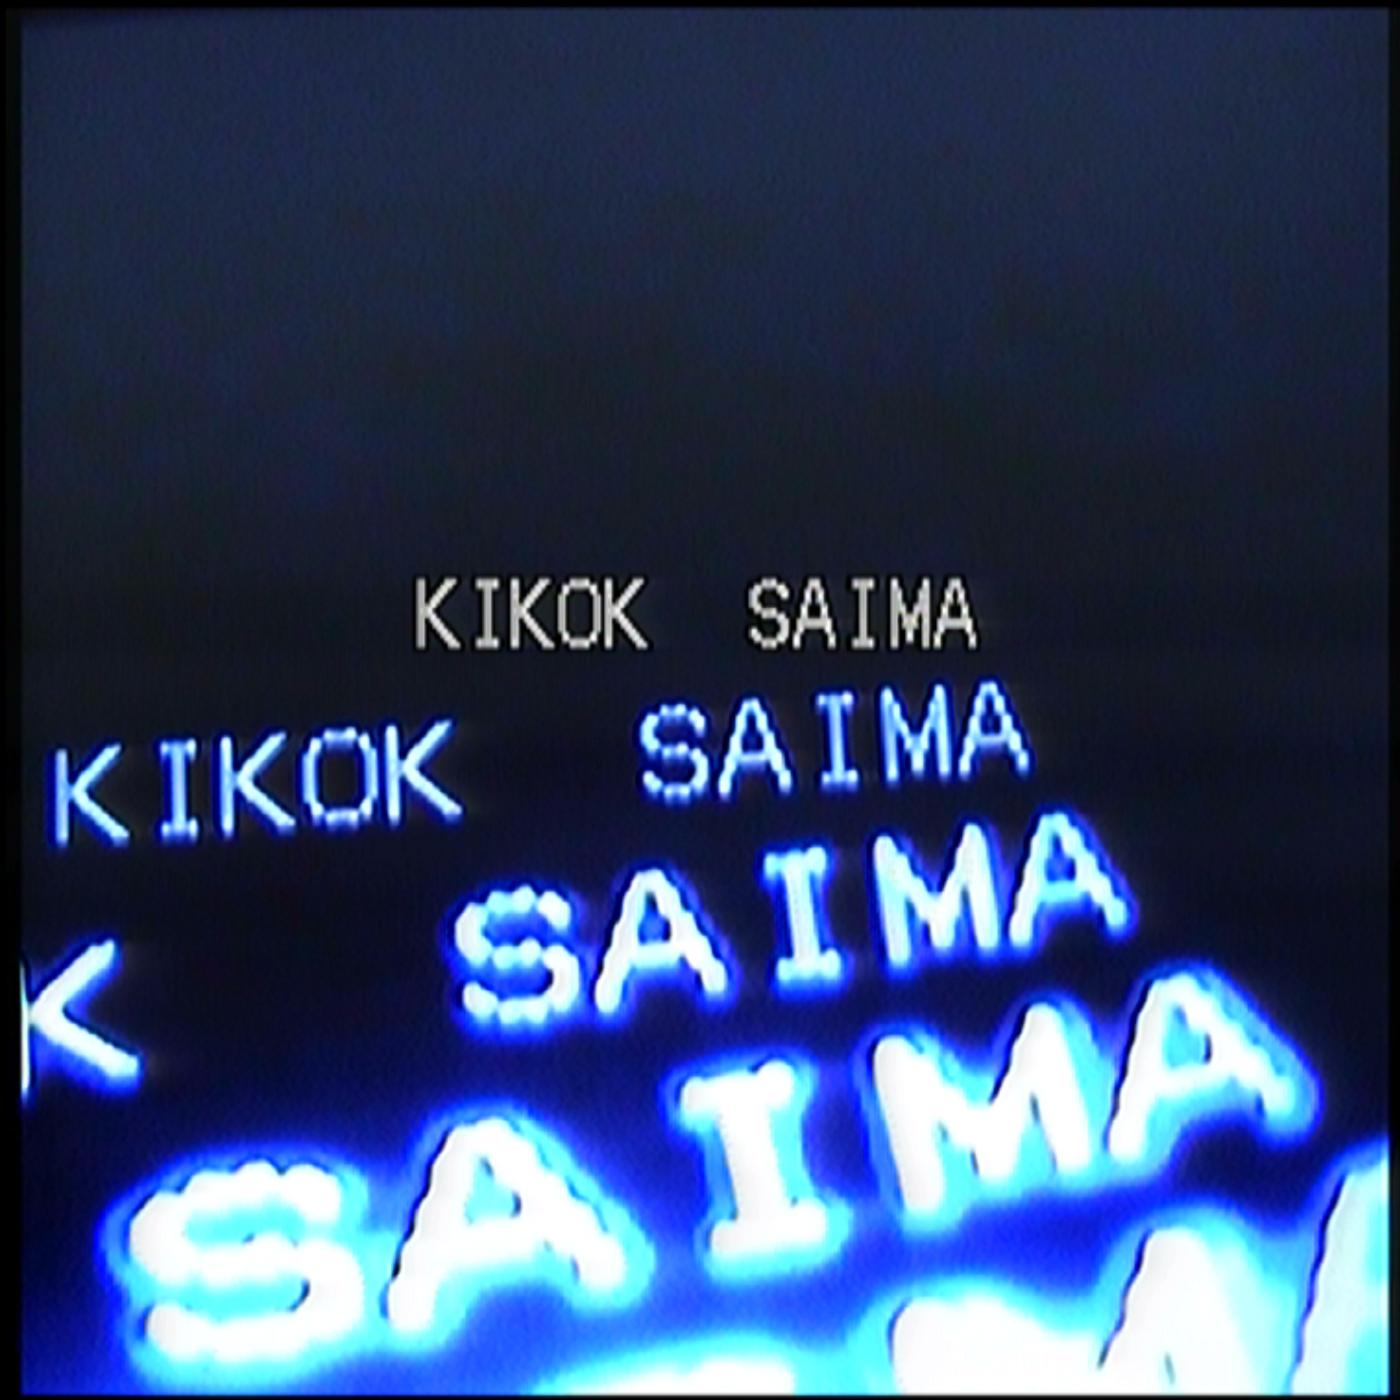 saima-artwork